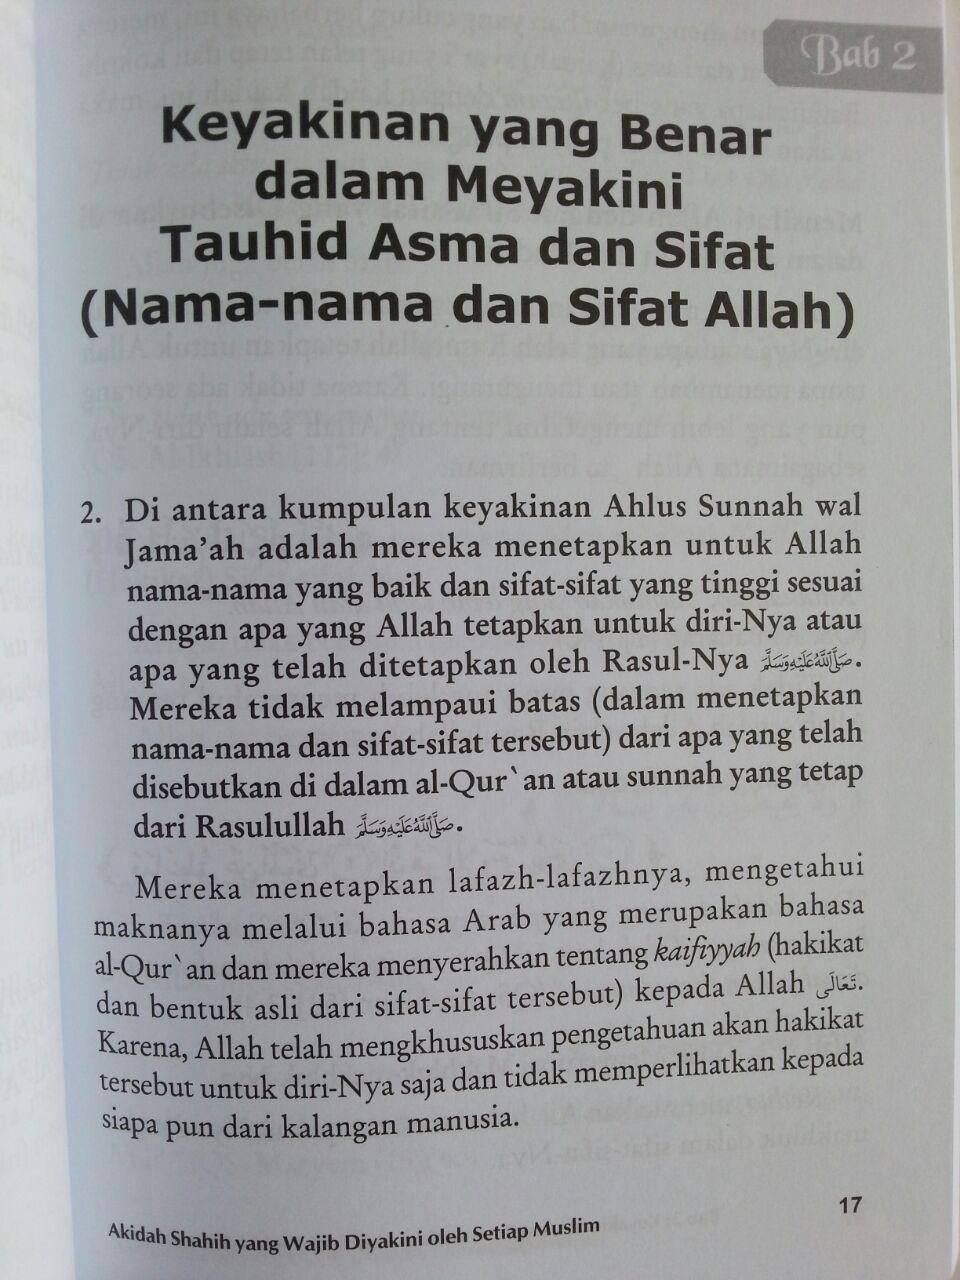 Buku Aqidah Shahih Yang Wajib Diyakini Oleh Setiap Muslim isi 3